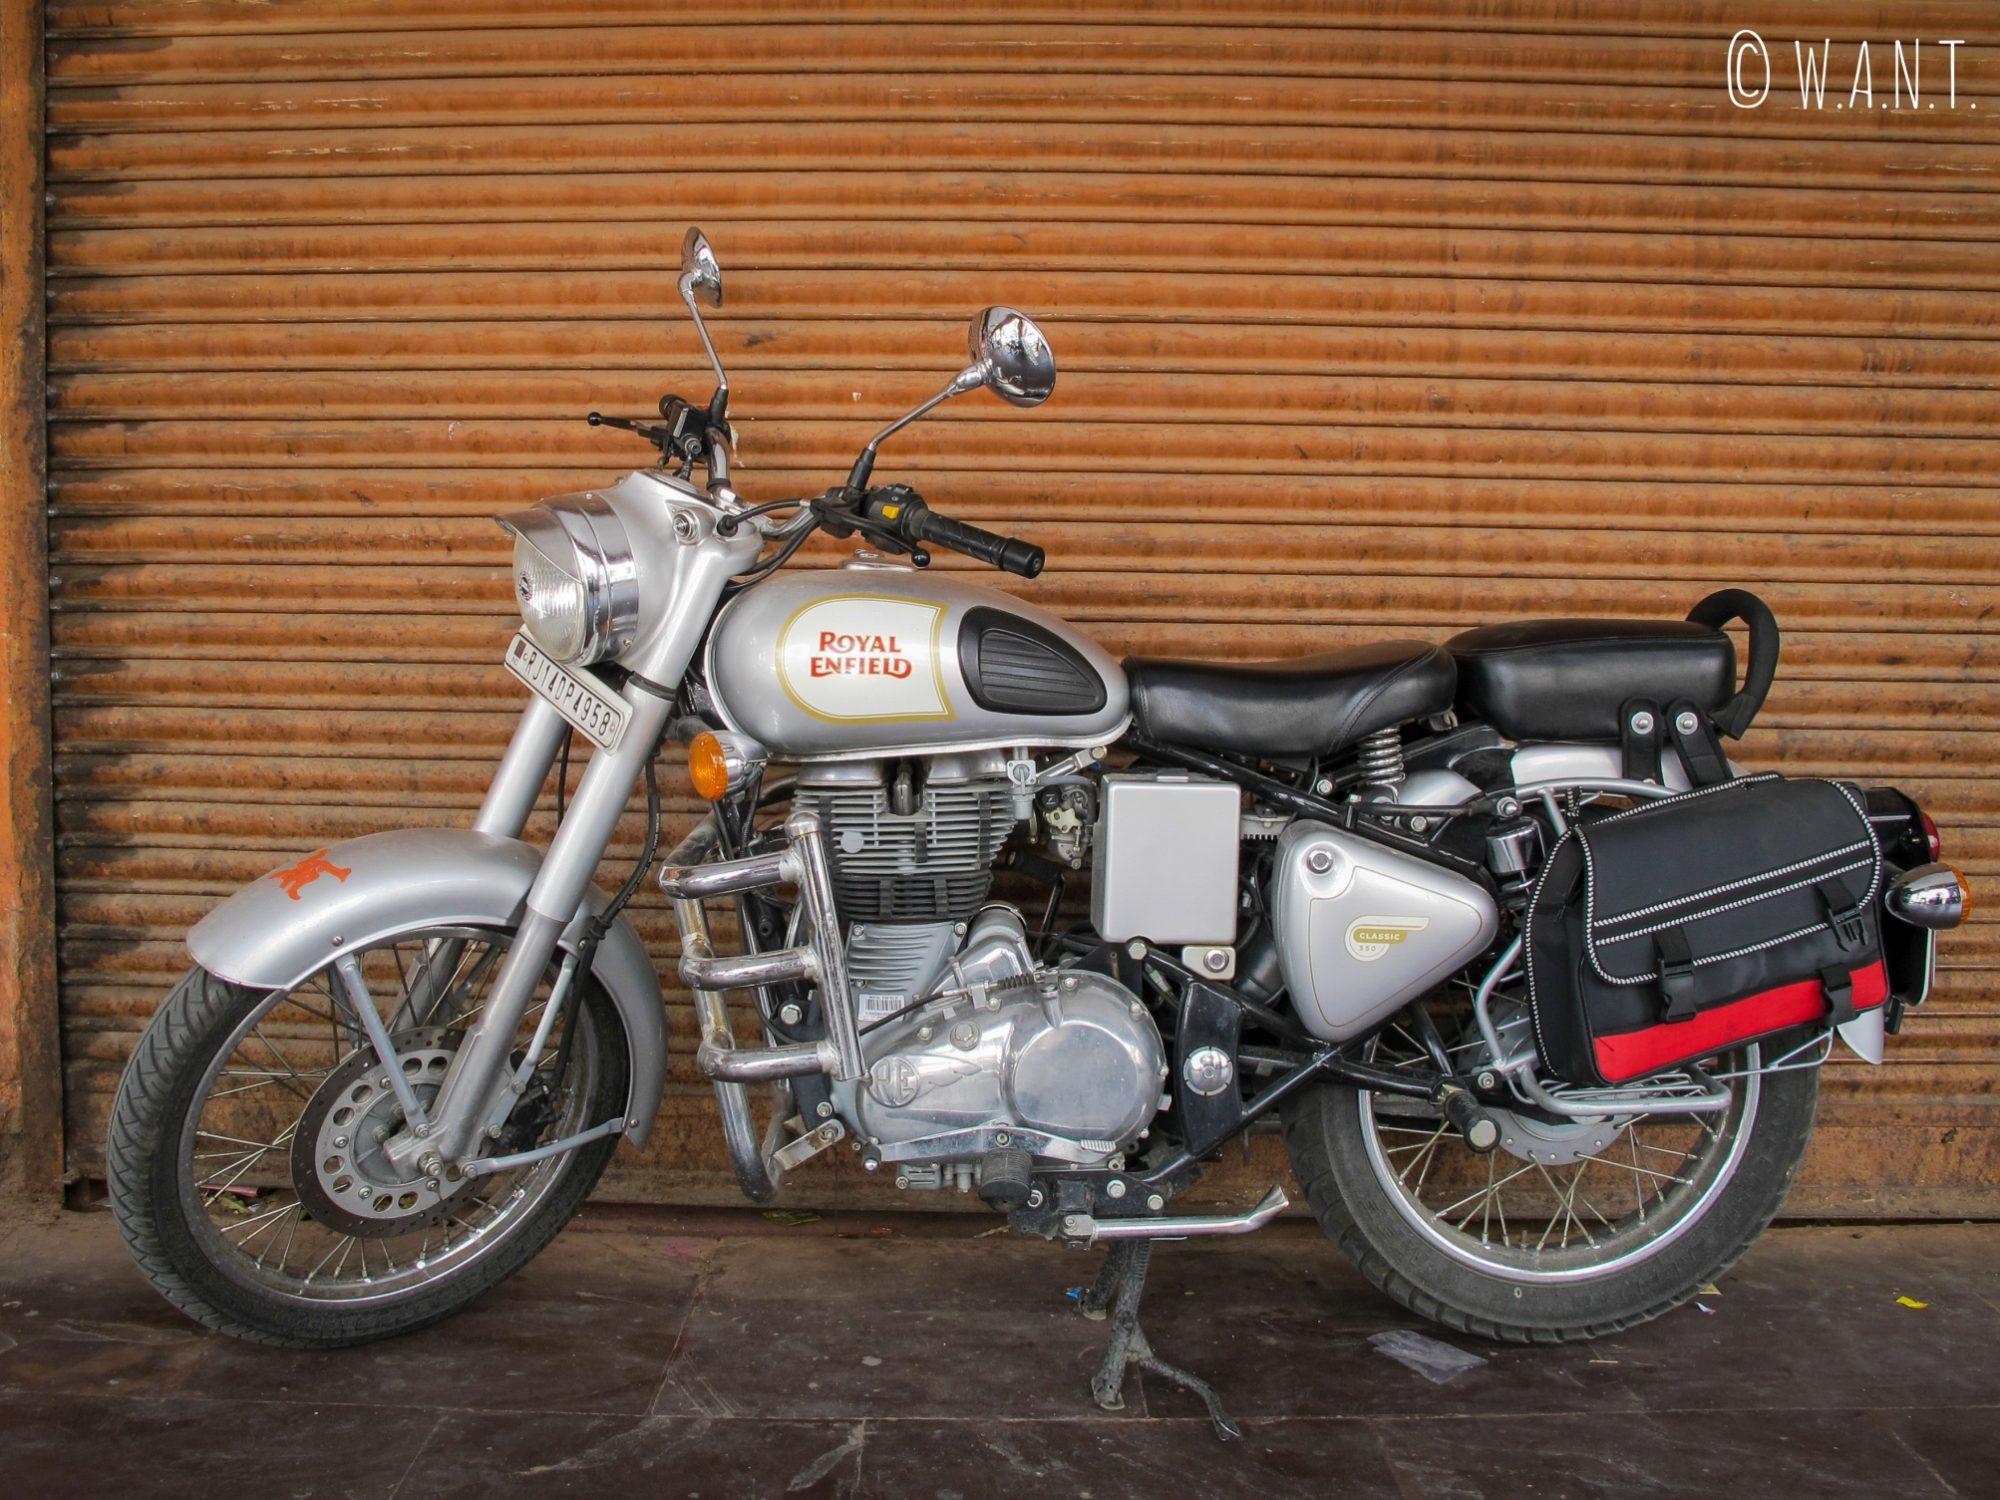 Royal Enfield, la marque de moto souveraine en Inde